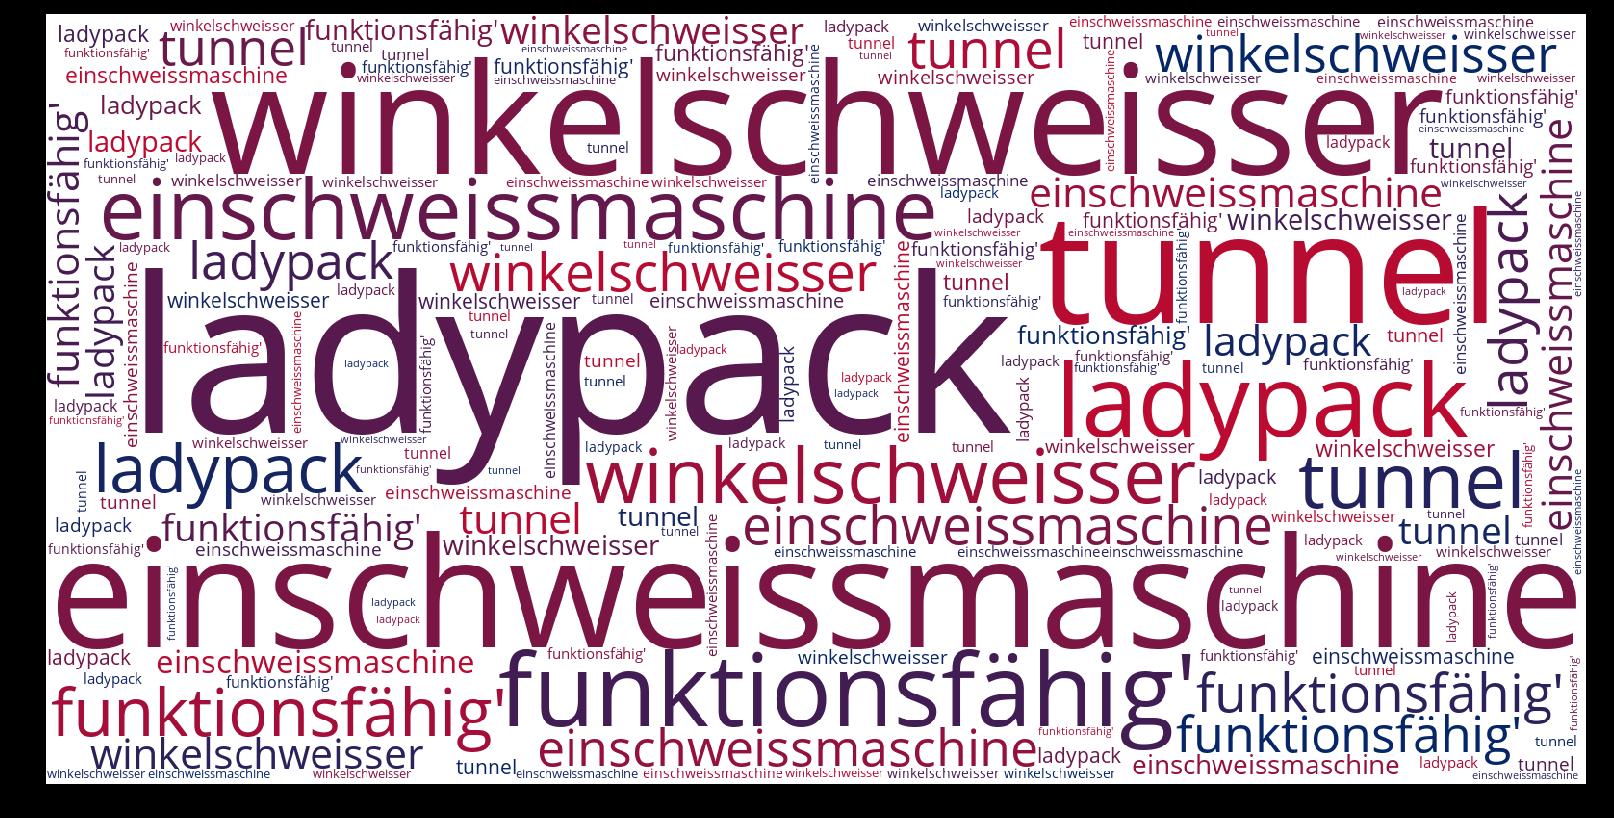 Einschweissmaschine-wordcloud